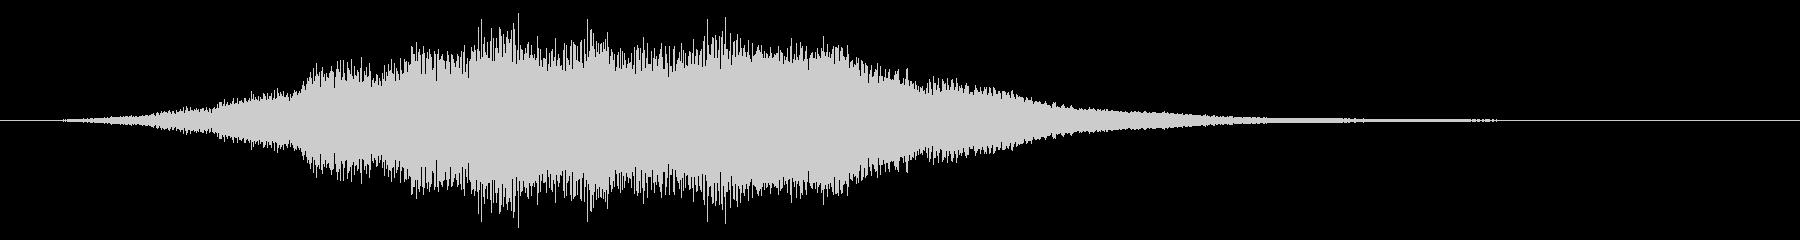 【ダーク】緊張感のある映像に合うBGMの未再生の波形